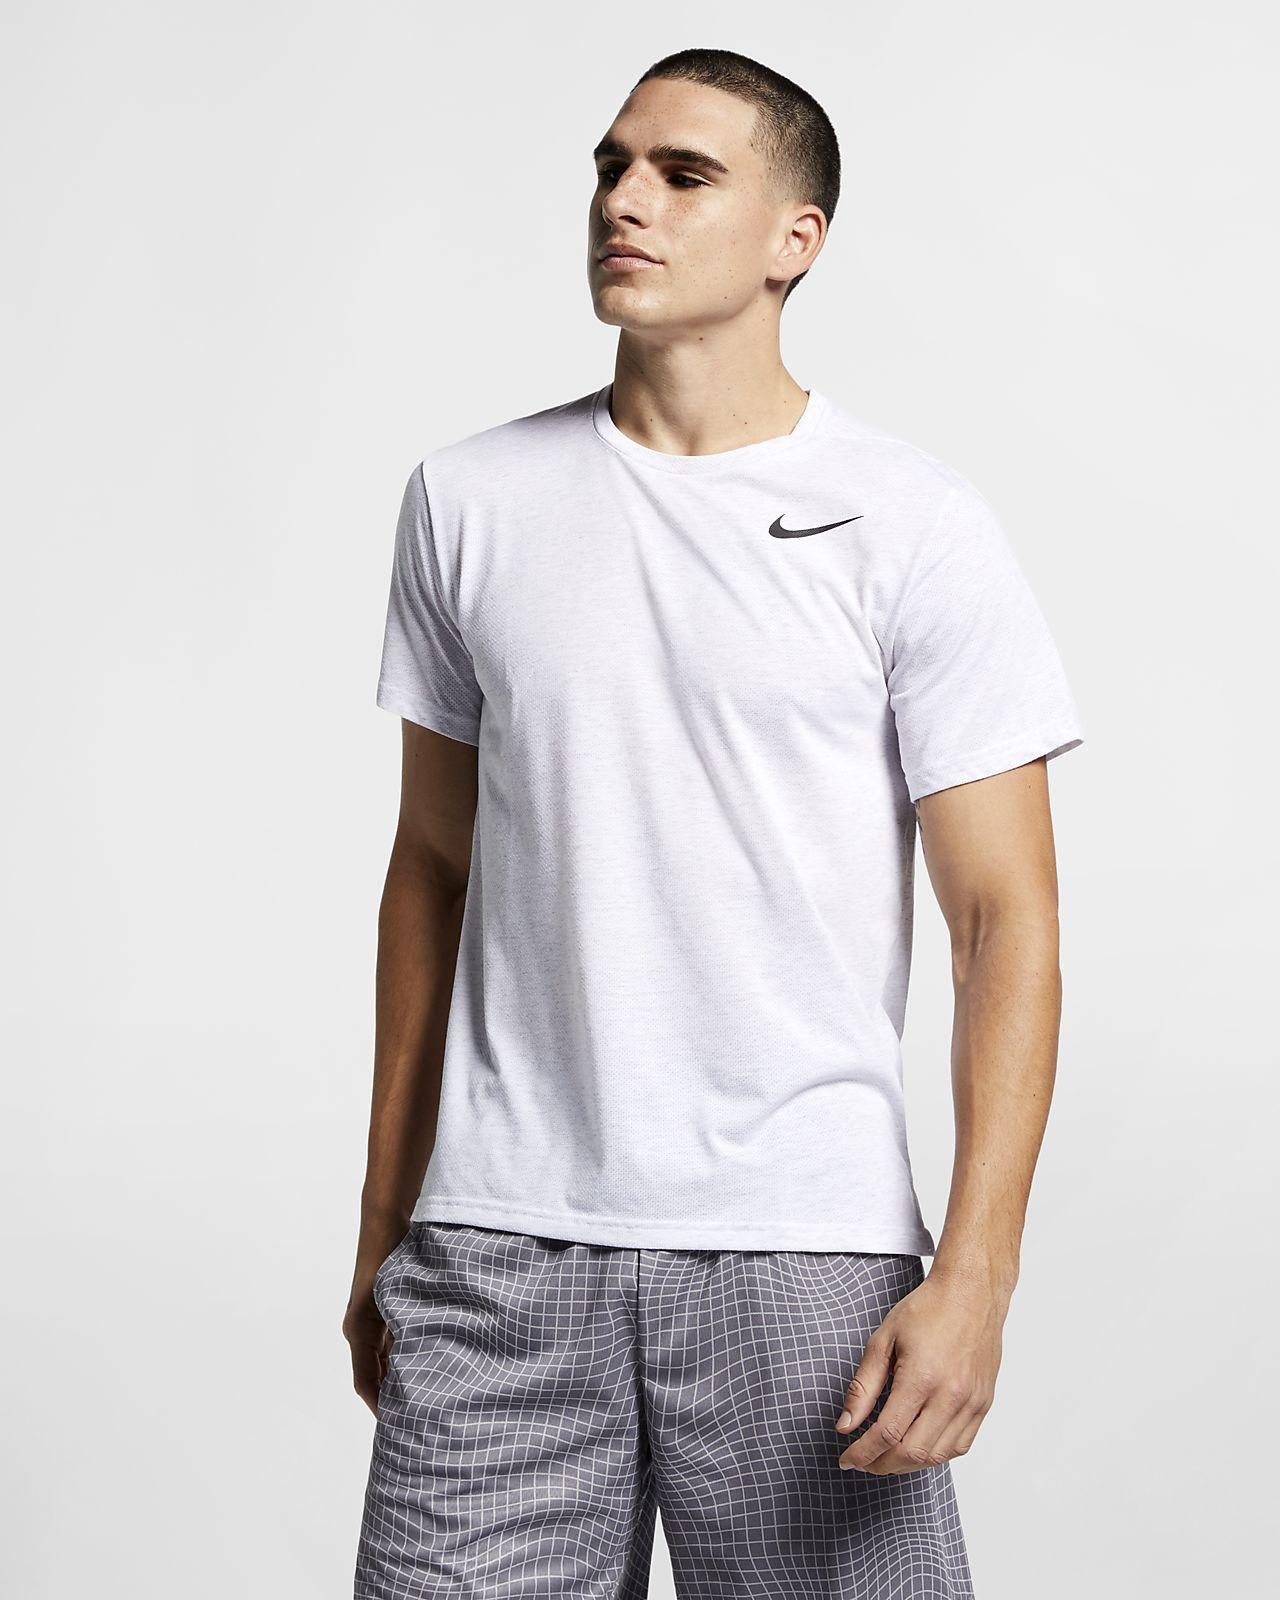 Haut de training à manches courtes Nike Breathe pour Homme